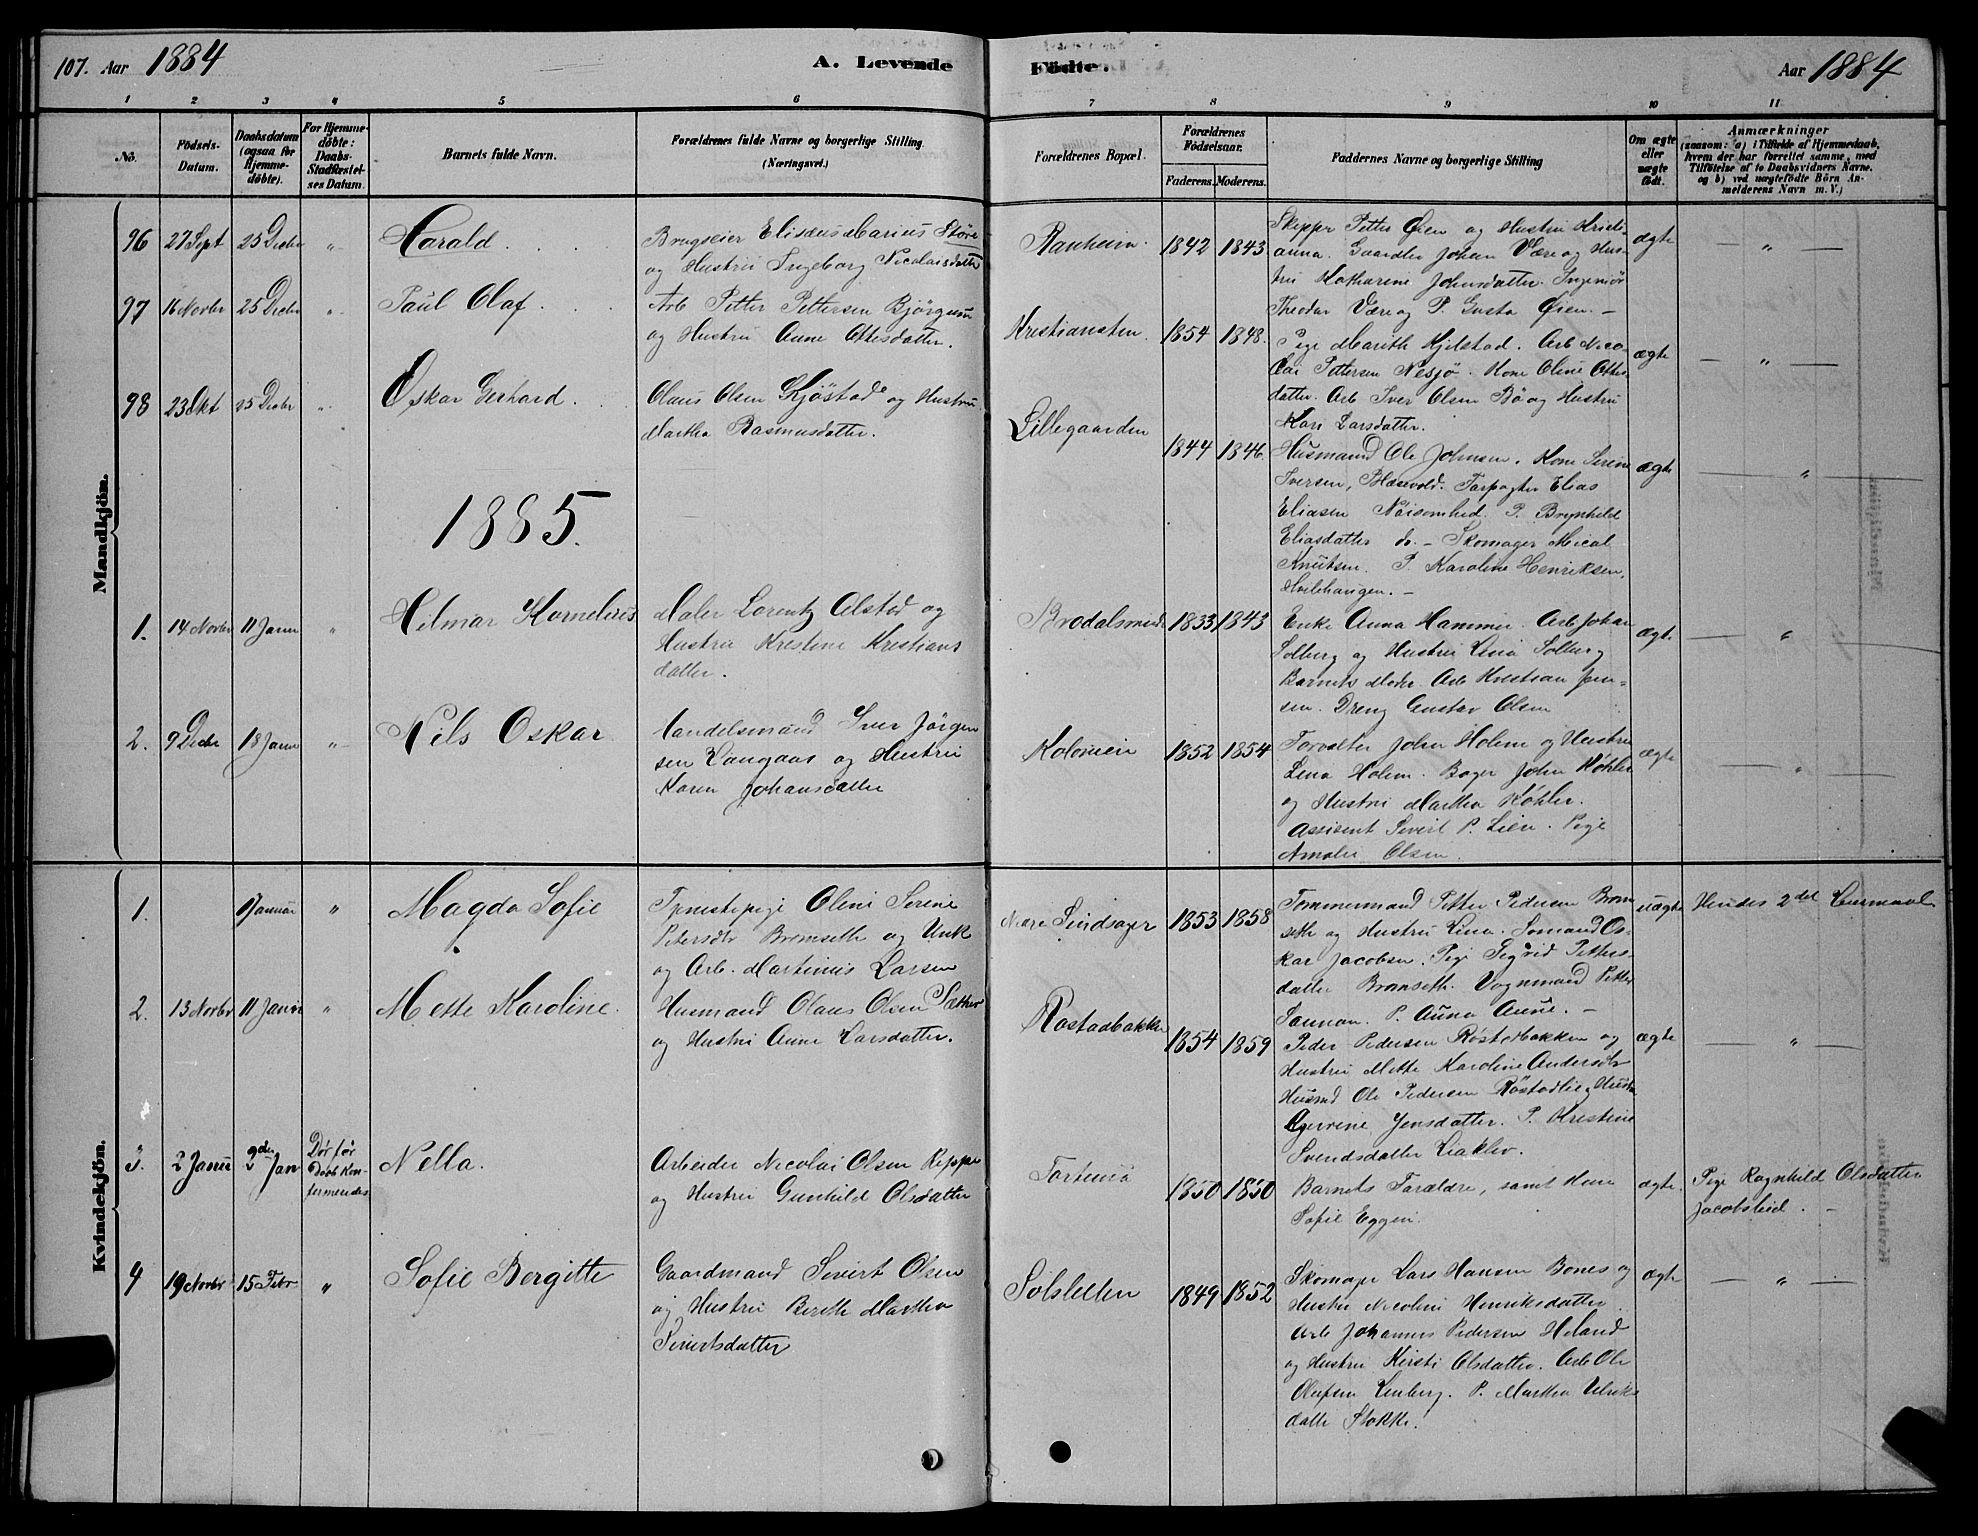 SAT, Ministerialprotokoller, klokkerbøker og fødselsregistre - Sør-Trøndelag, 606/L0312: Klokkerbok nr. 606C08, 1878-1894, s. 107